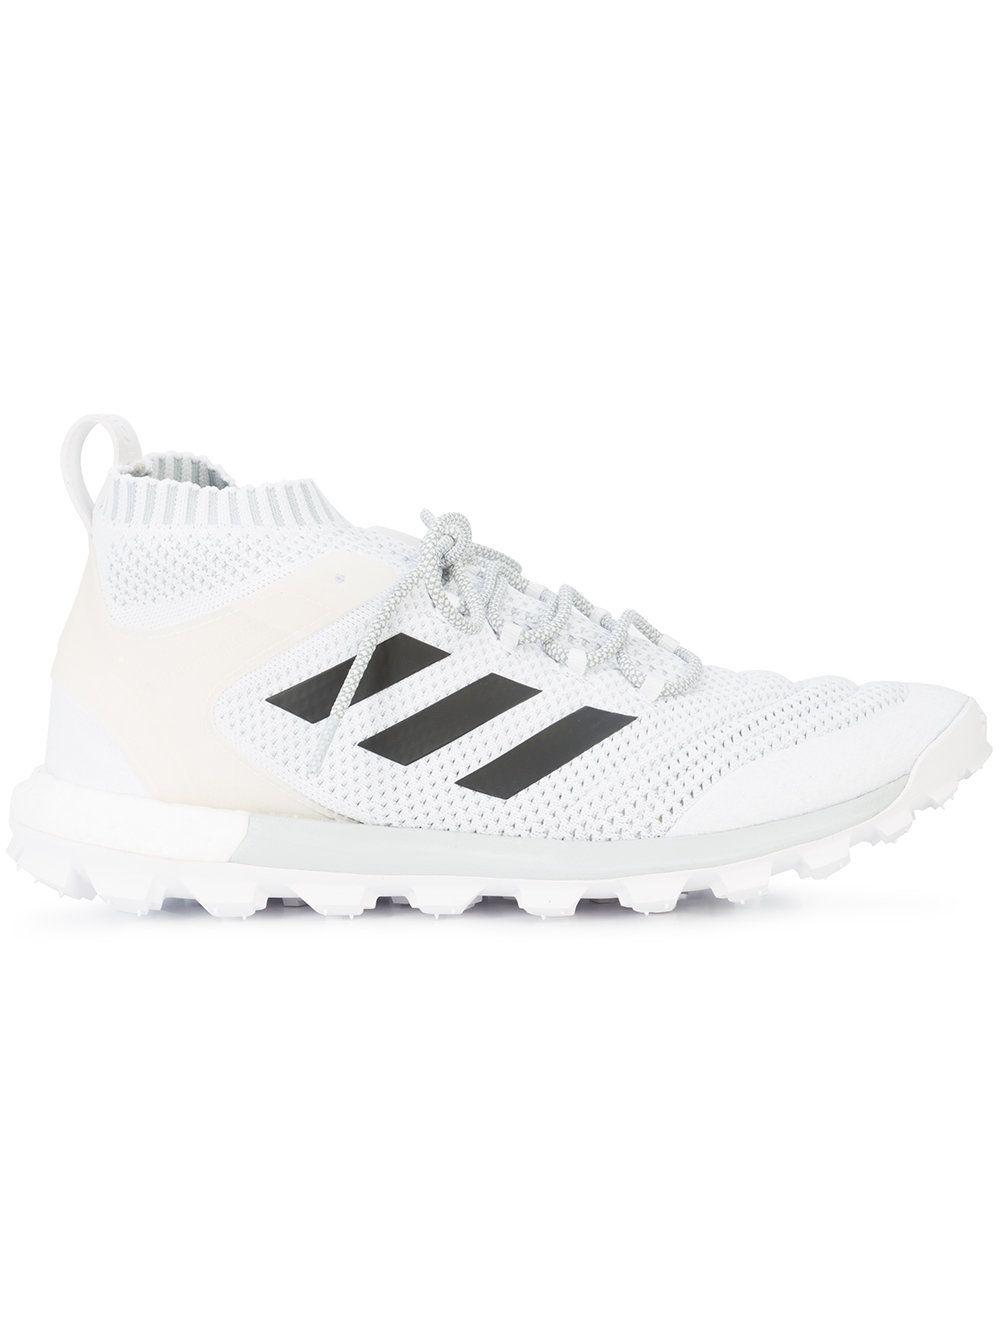 competitive price 174f9 3c502 GOSHA RUBCHINSKIY WHITE. gosharubchinskiy shoes